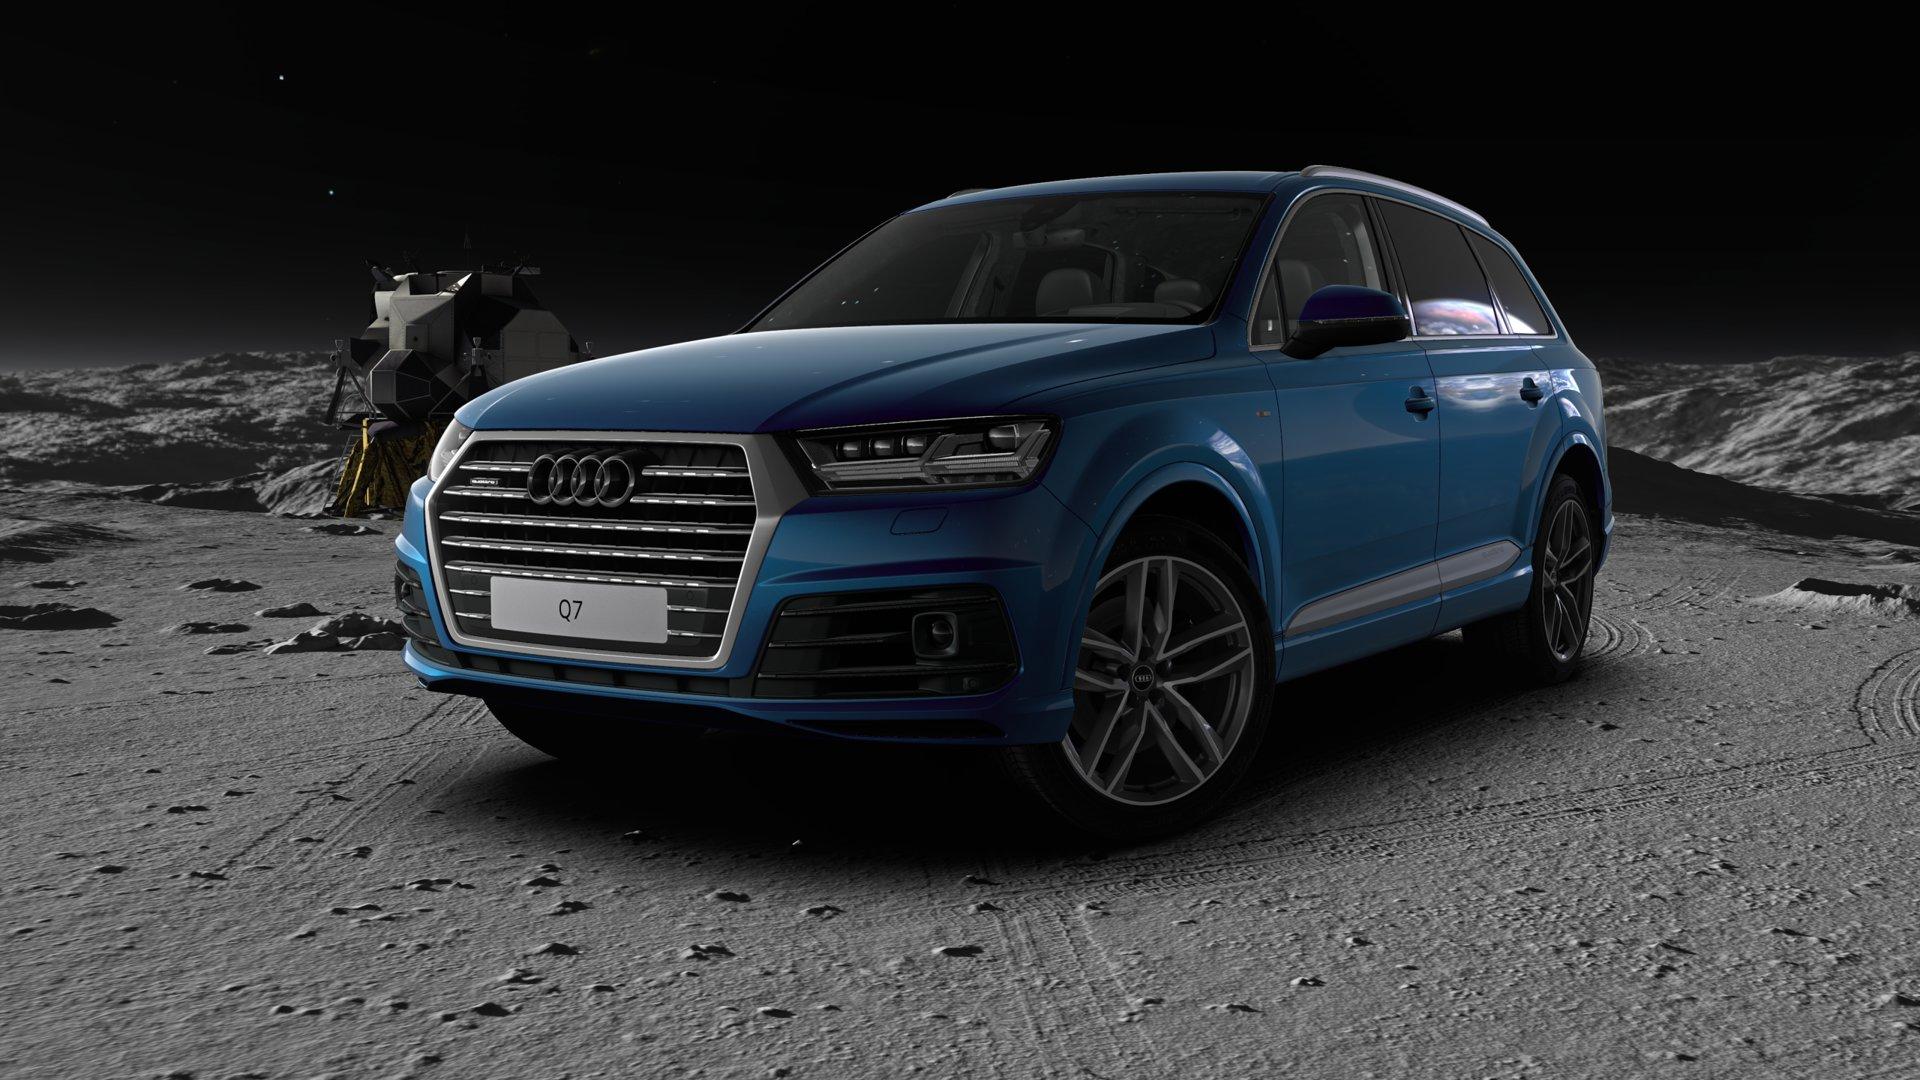 Audi Q7 auf dem Mond